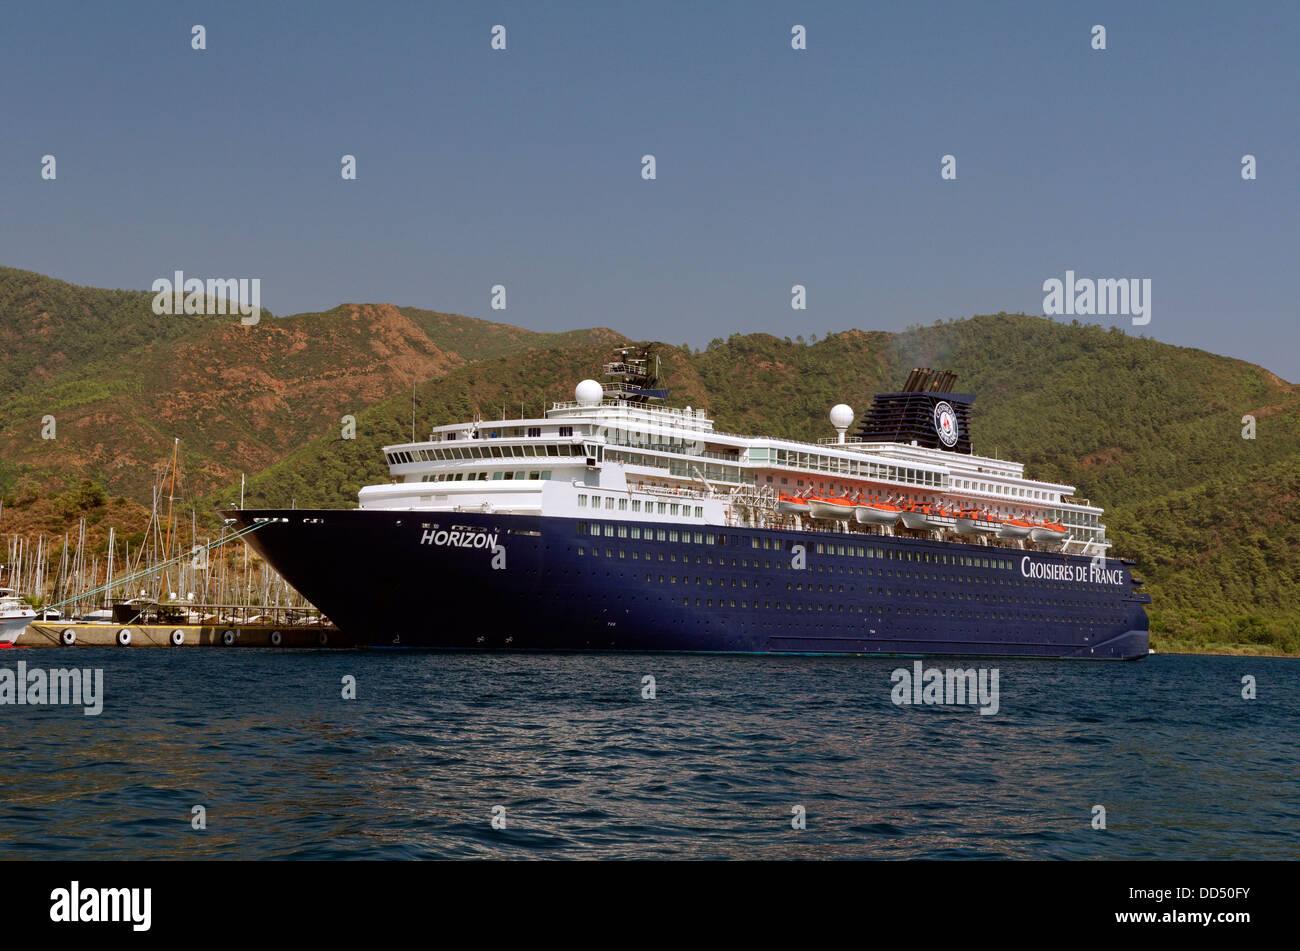 Marmaris Cruise Port, Muğla, Turkey, with cruise ship 'Horizon' on the quay - Stock Image